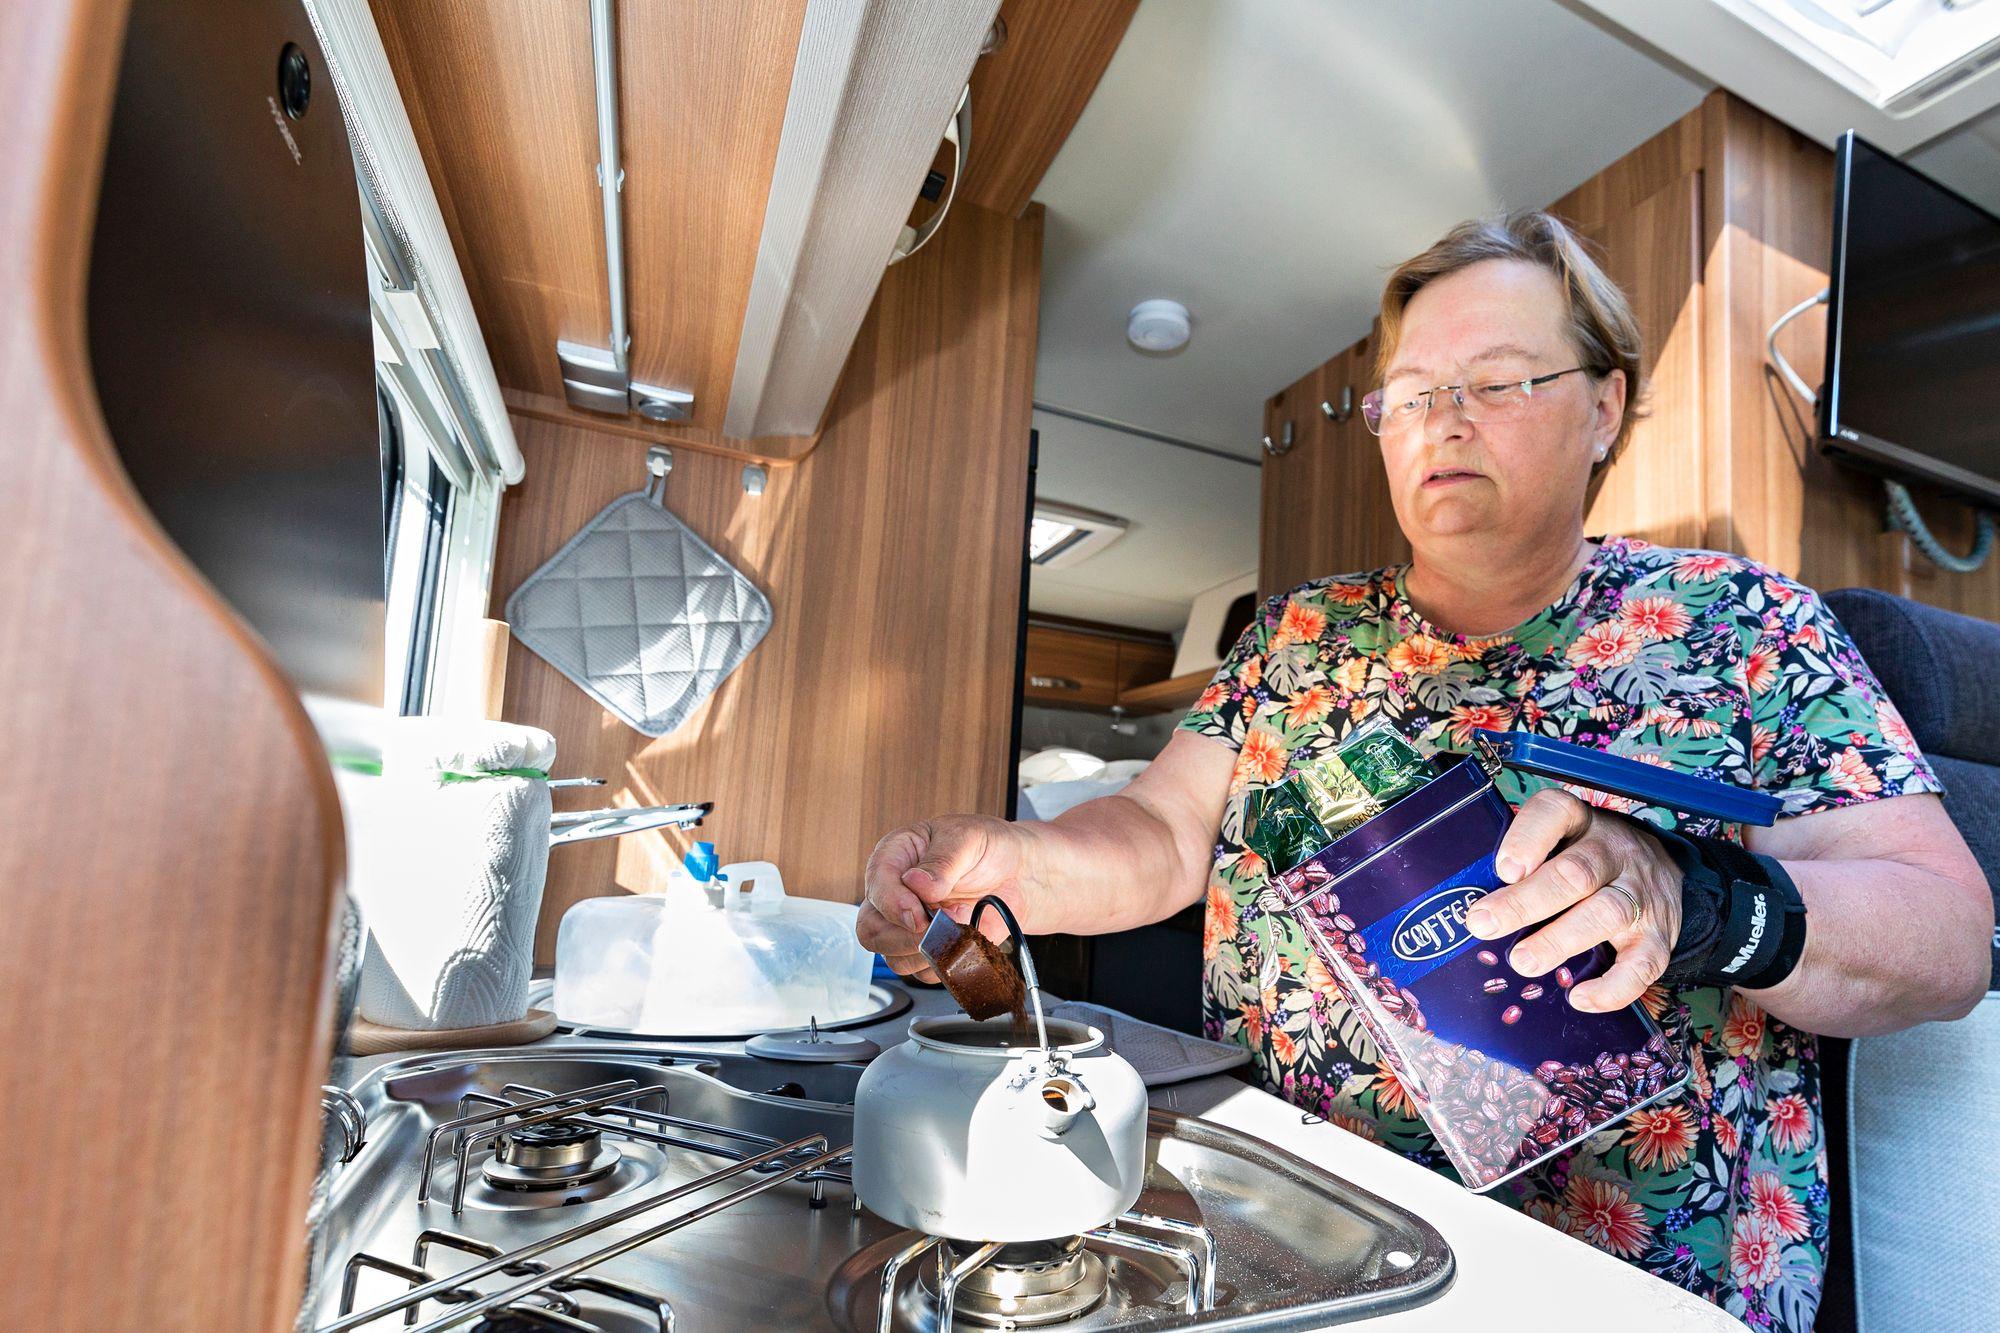 Kahvit porautetaan kaasulla. Kumilenkit ovat tarpeen, jotta talouspaperi pysyy ajossa kasassa. © Petri Jauhiainen